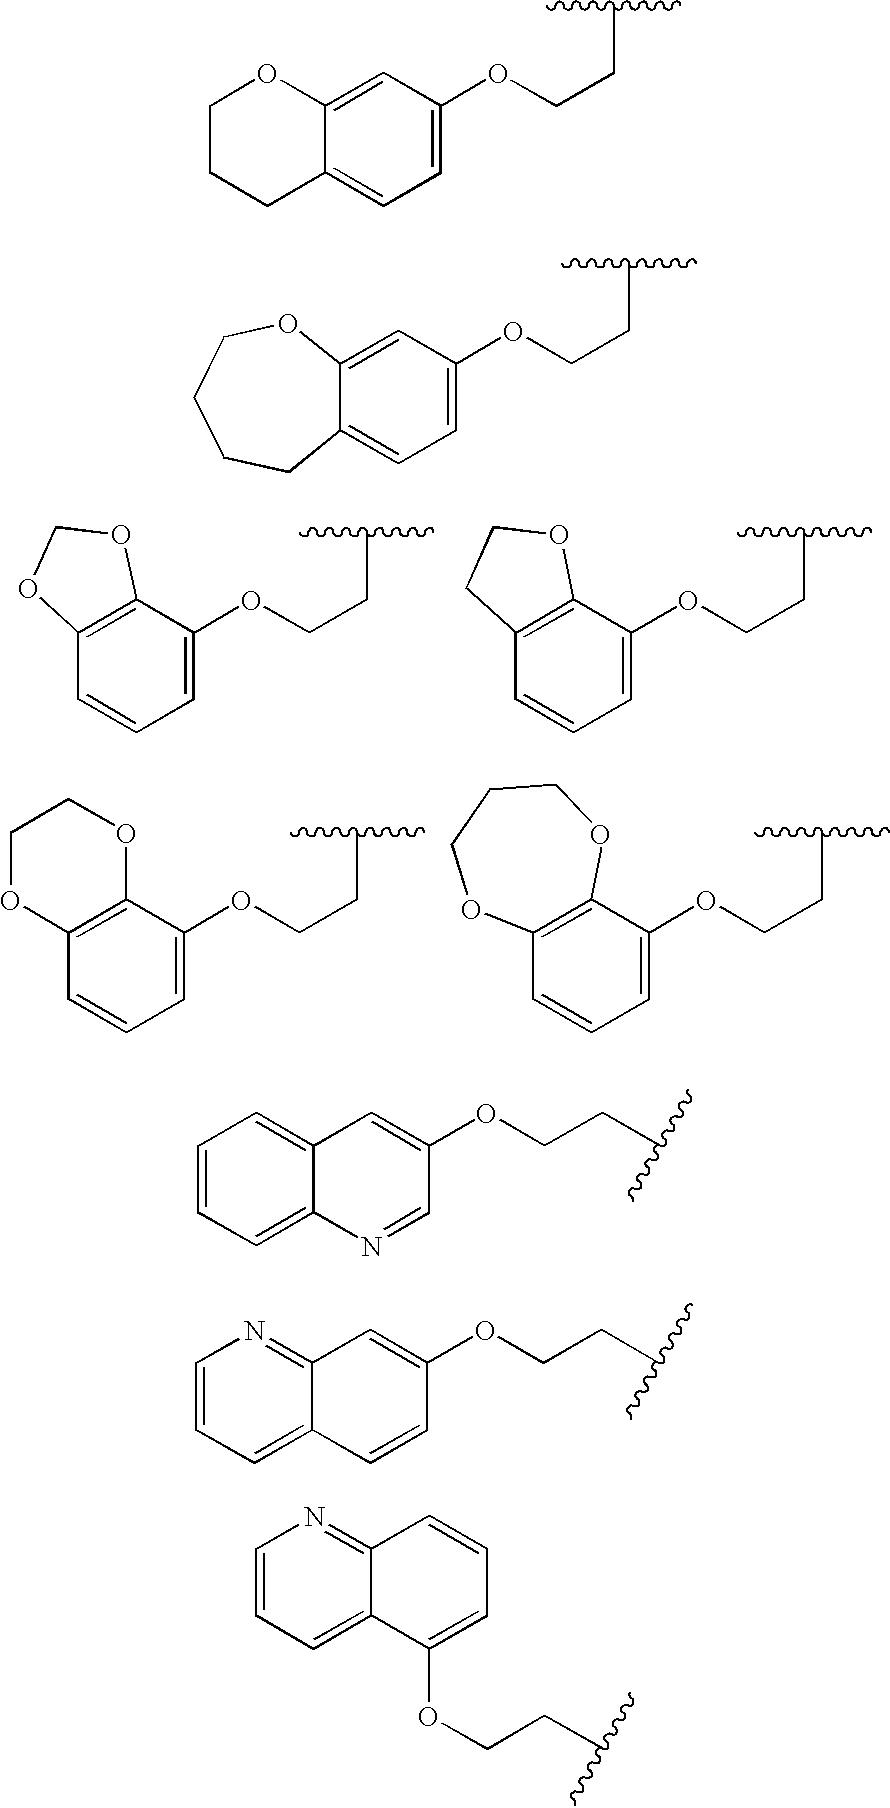 Figure US20100009983A1-20100114-C00254